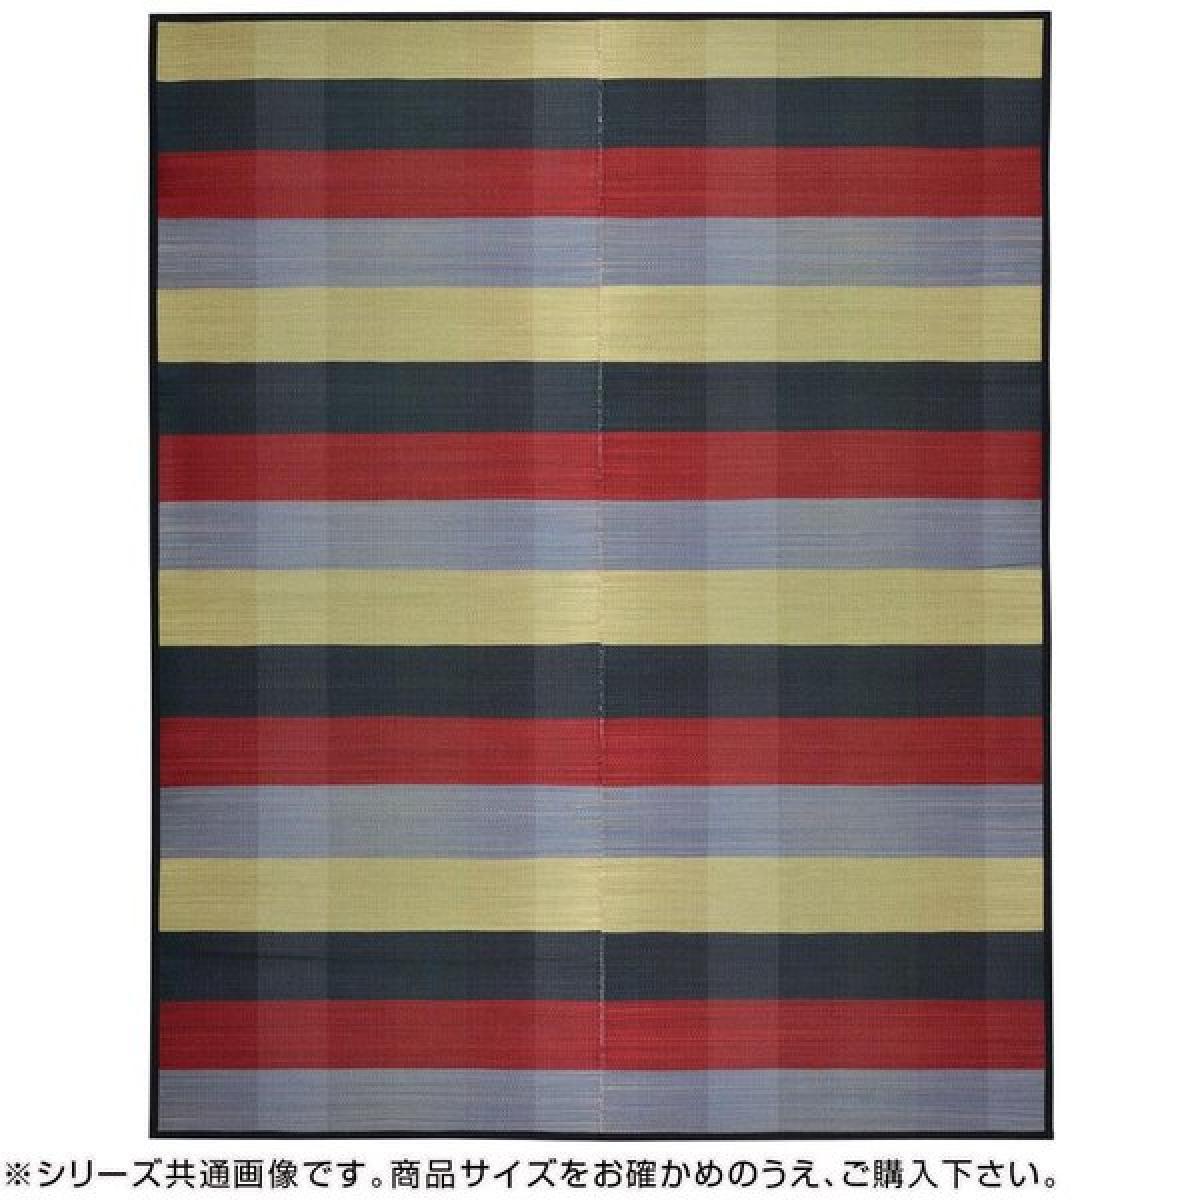 萩原 い草ラグチェッカーF RE 176×230cm【クーポン配布中】